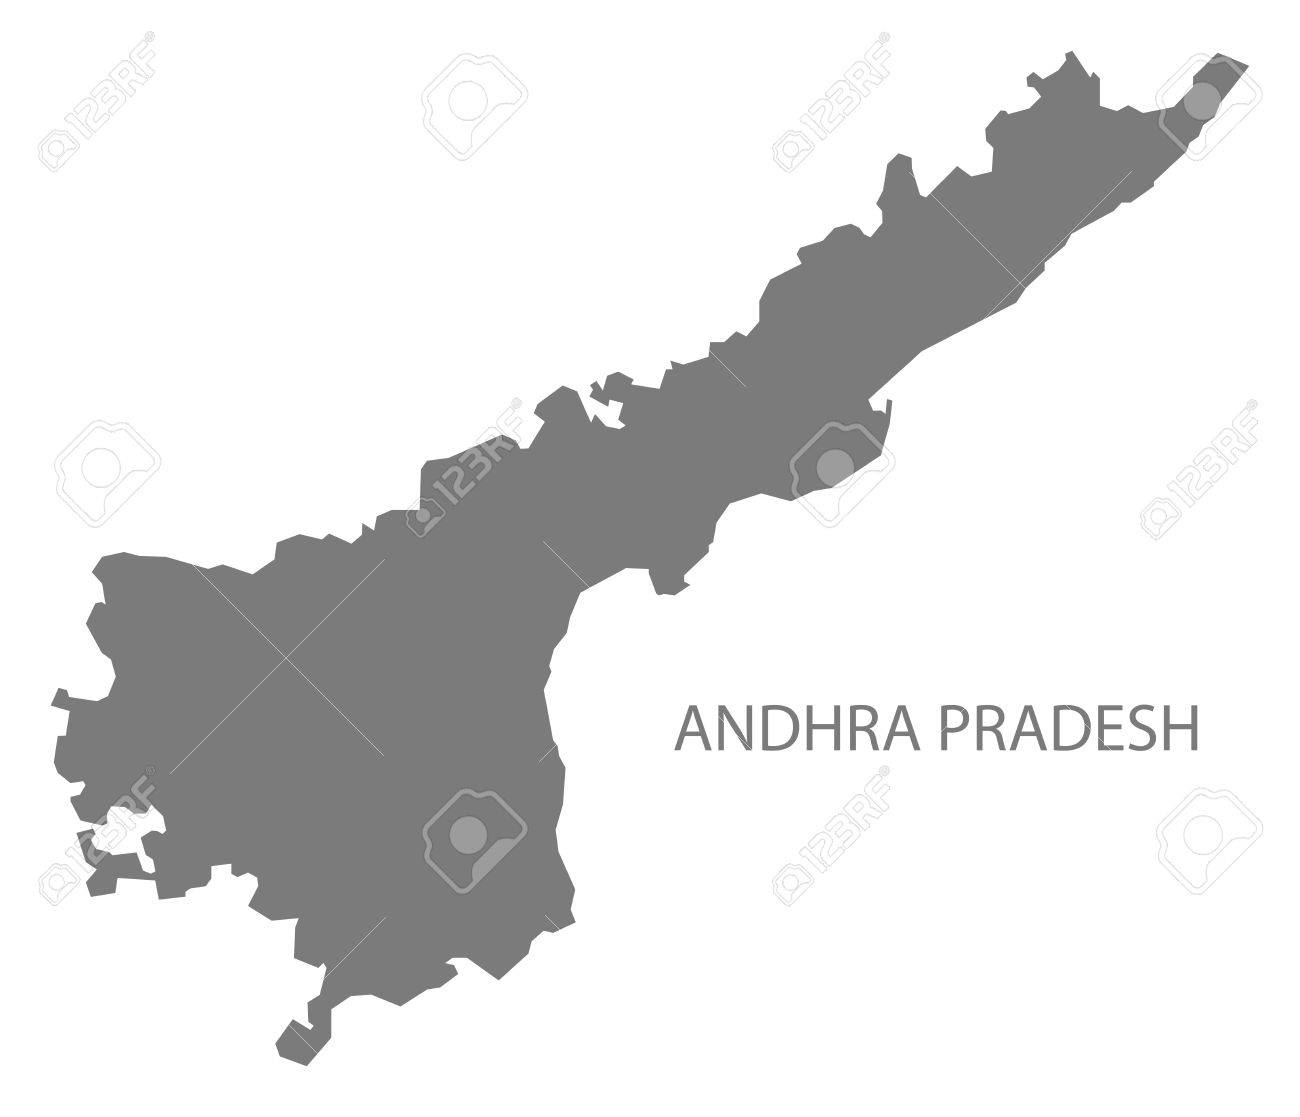 Andhra Pradesh India Map Gray Royalty Free Cliparts, Vectors, And ...